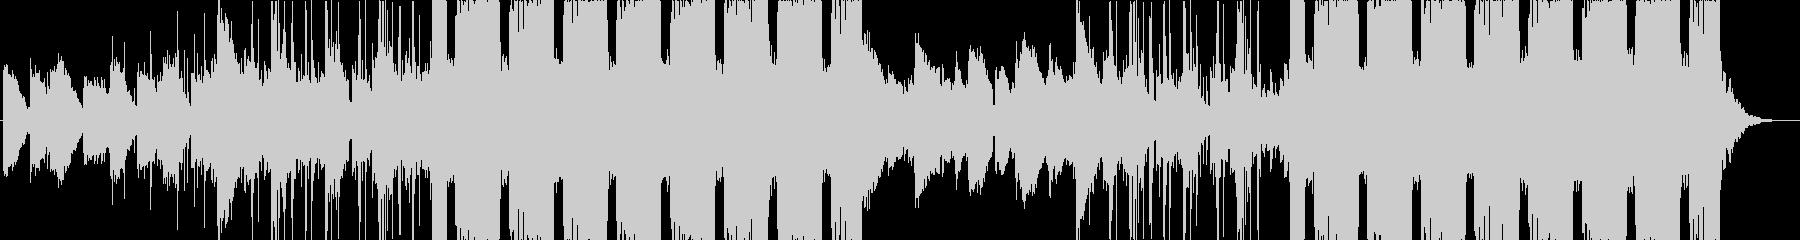 琴を使用した和風なフューチャーベースの未再生の波形